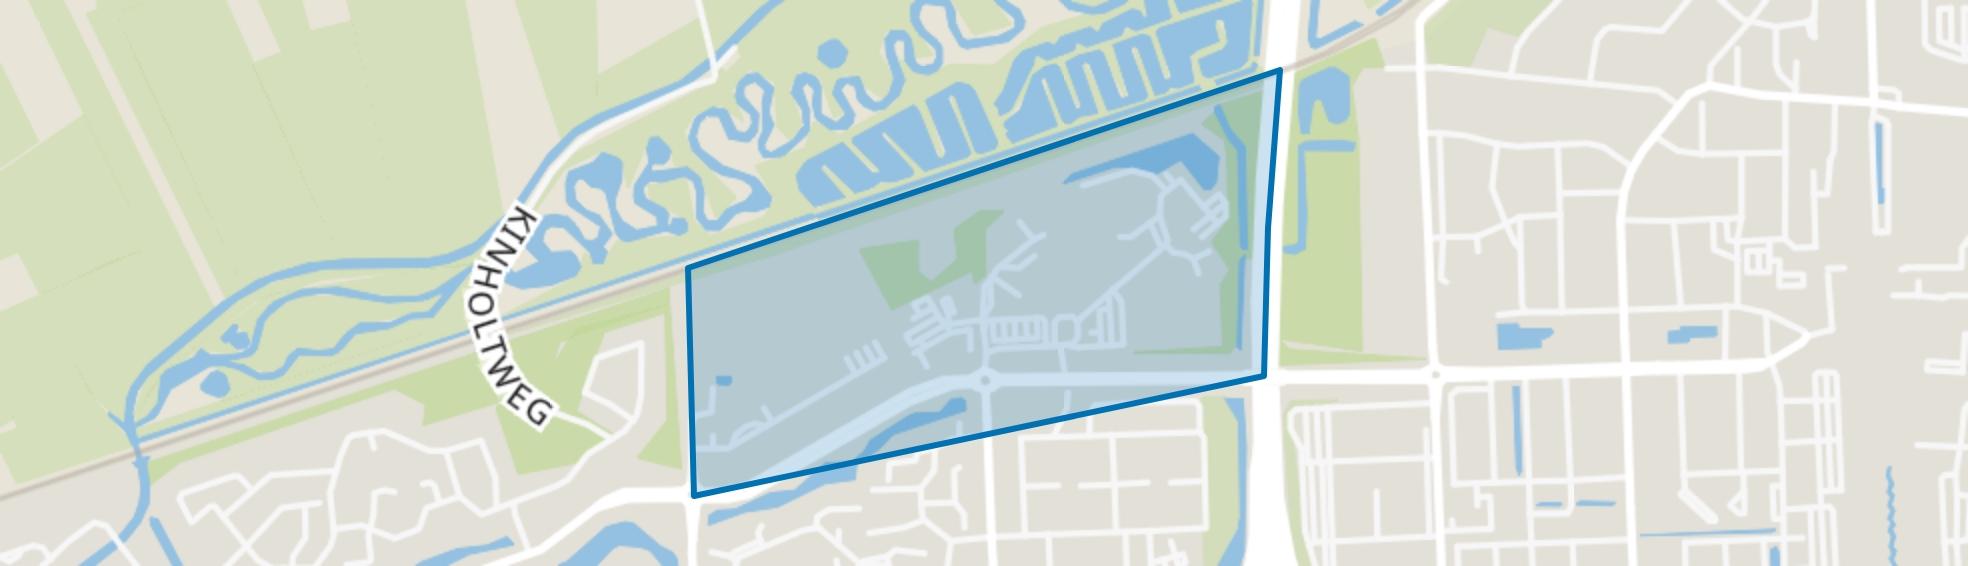 Grittenhof, Hoogeveen map